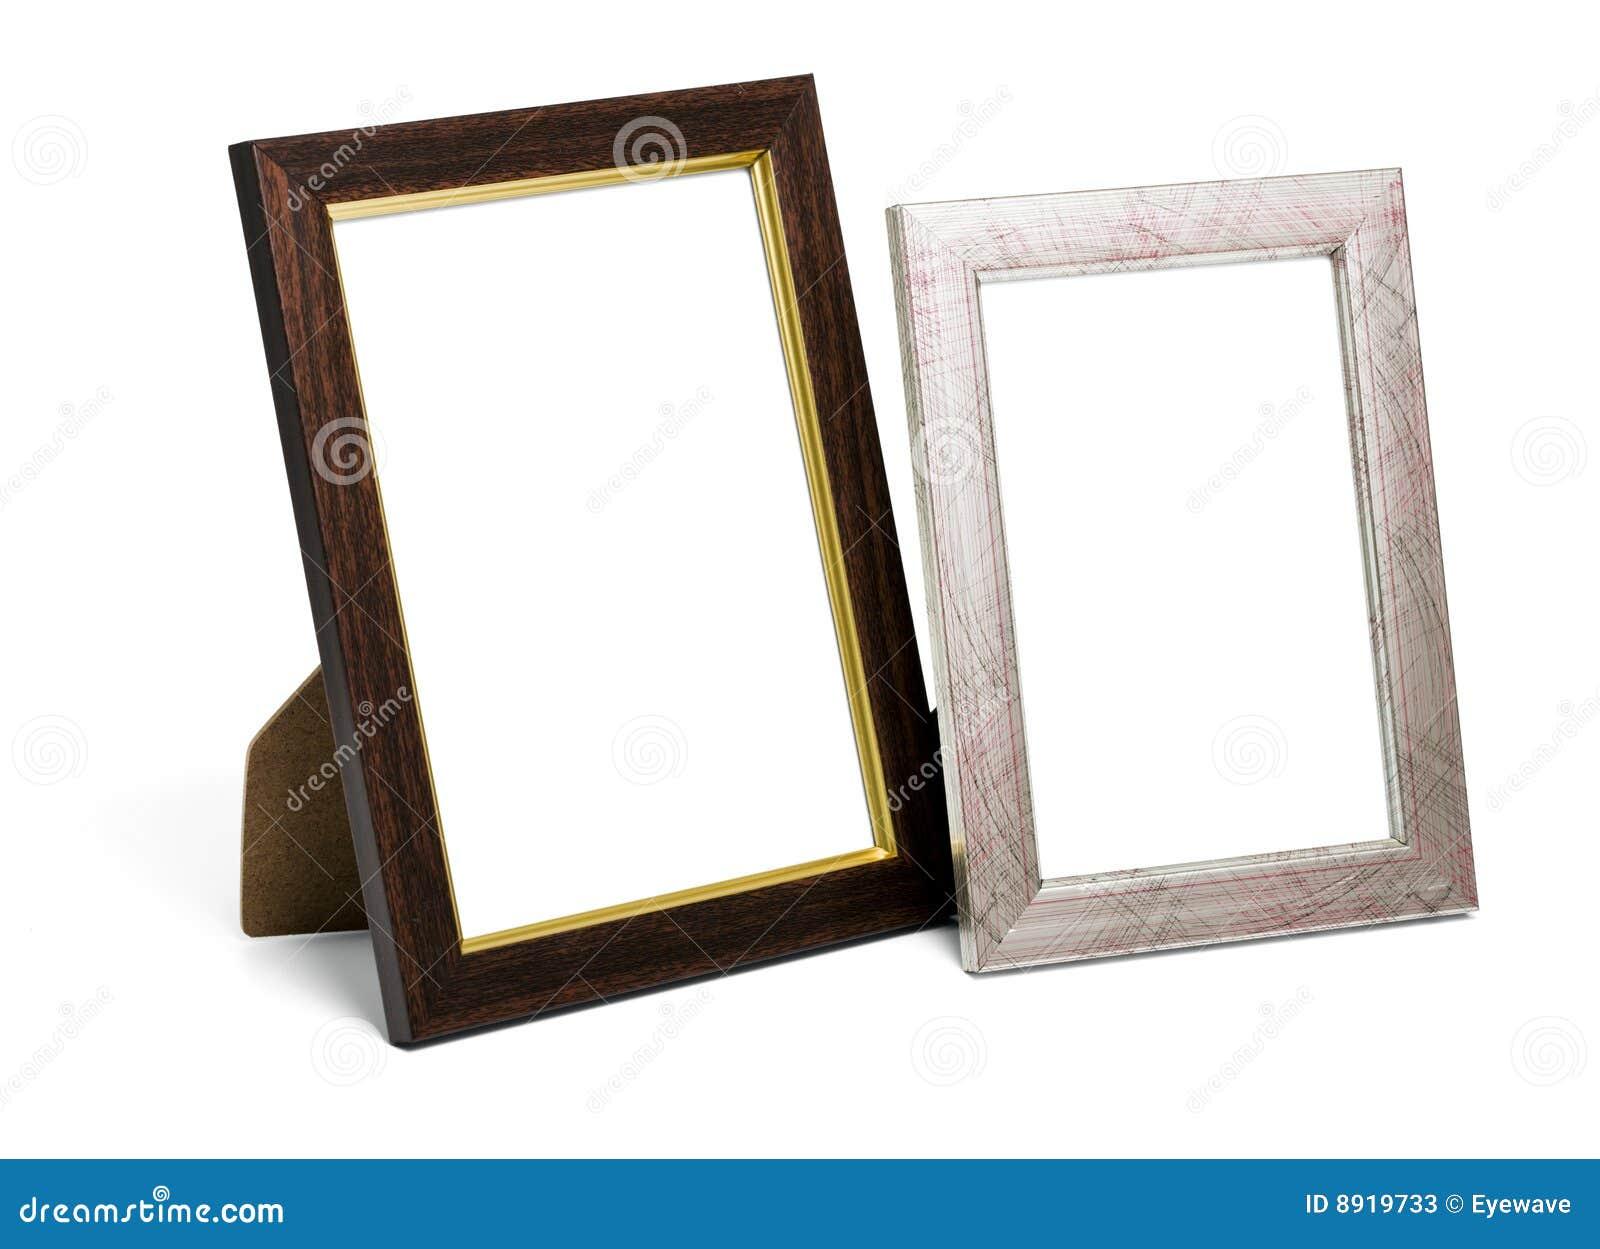 Dos marcos de escritorio imagen de archivo. Imagen de marco - 8919733